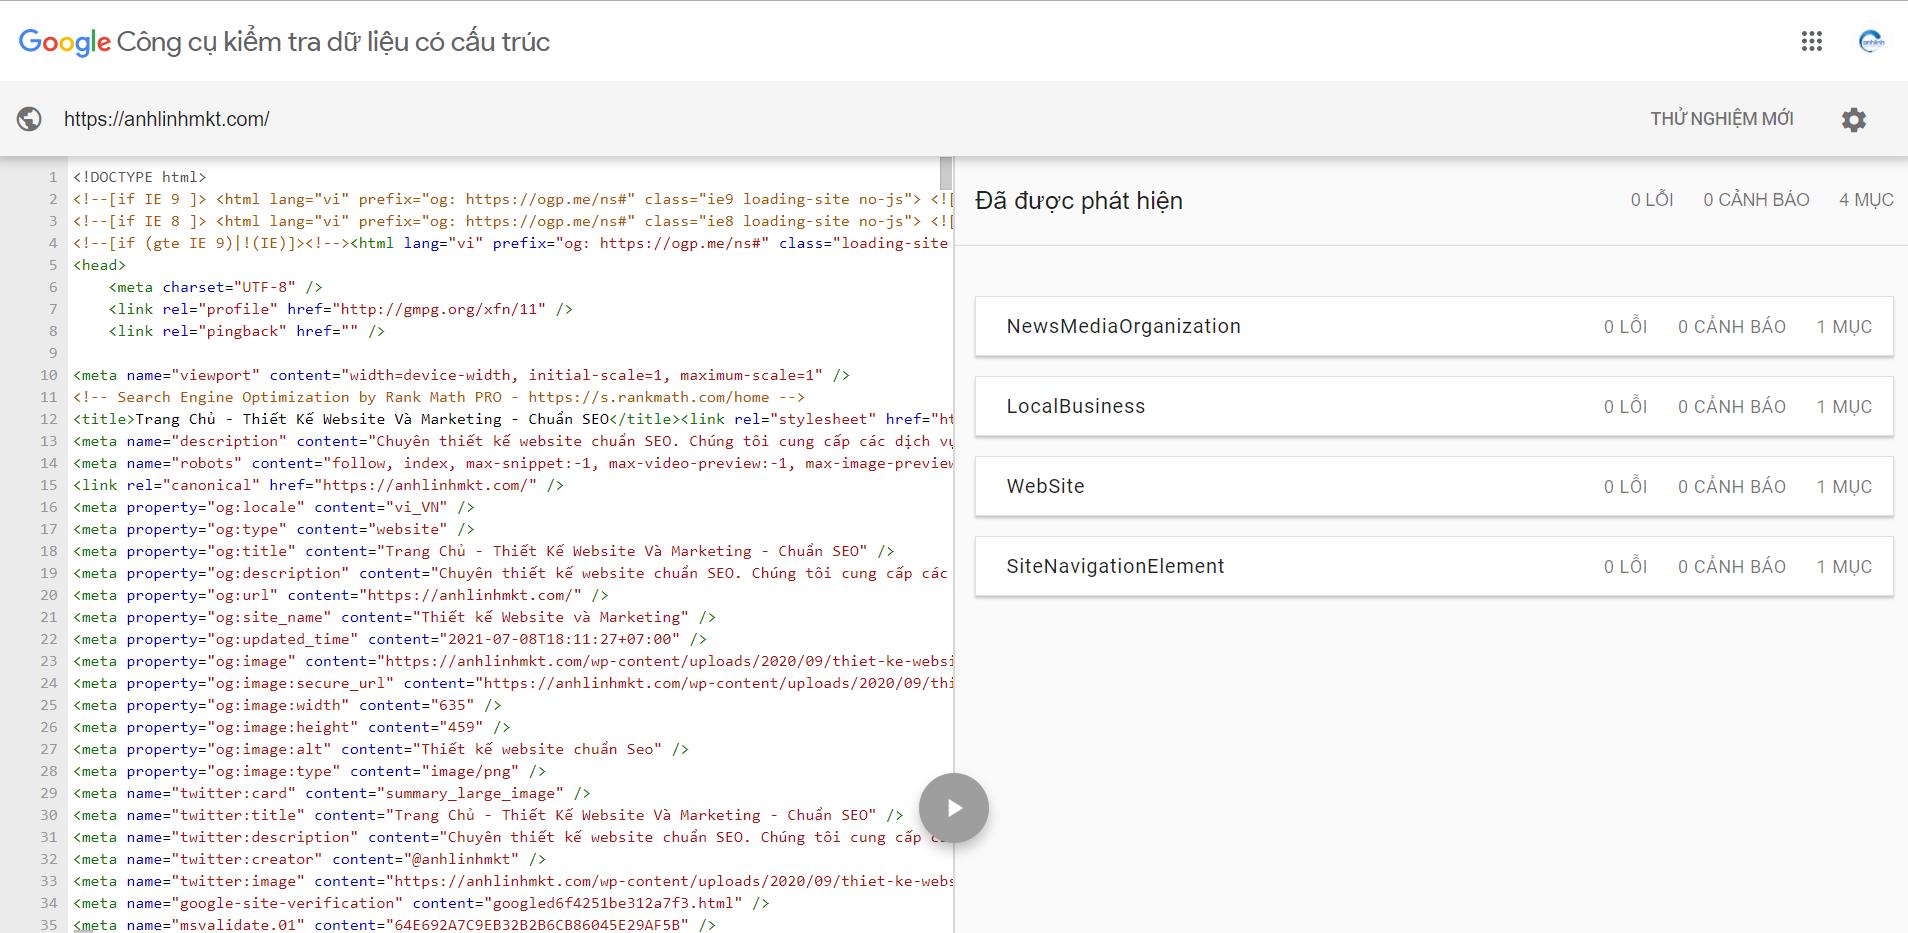 Công cụ để kiểm tra dữ liệu có cấu trúc của Google